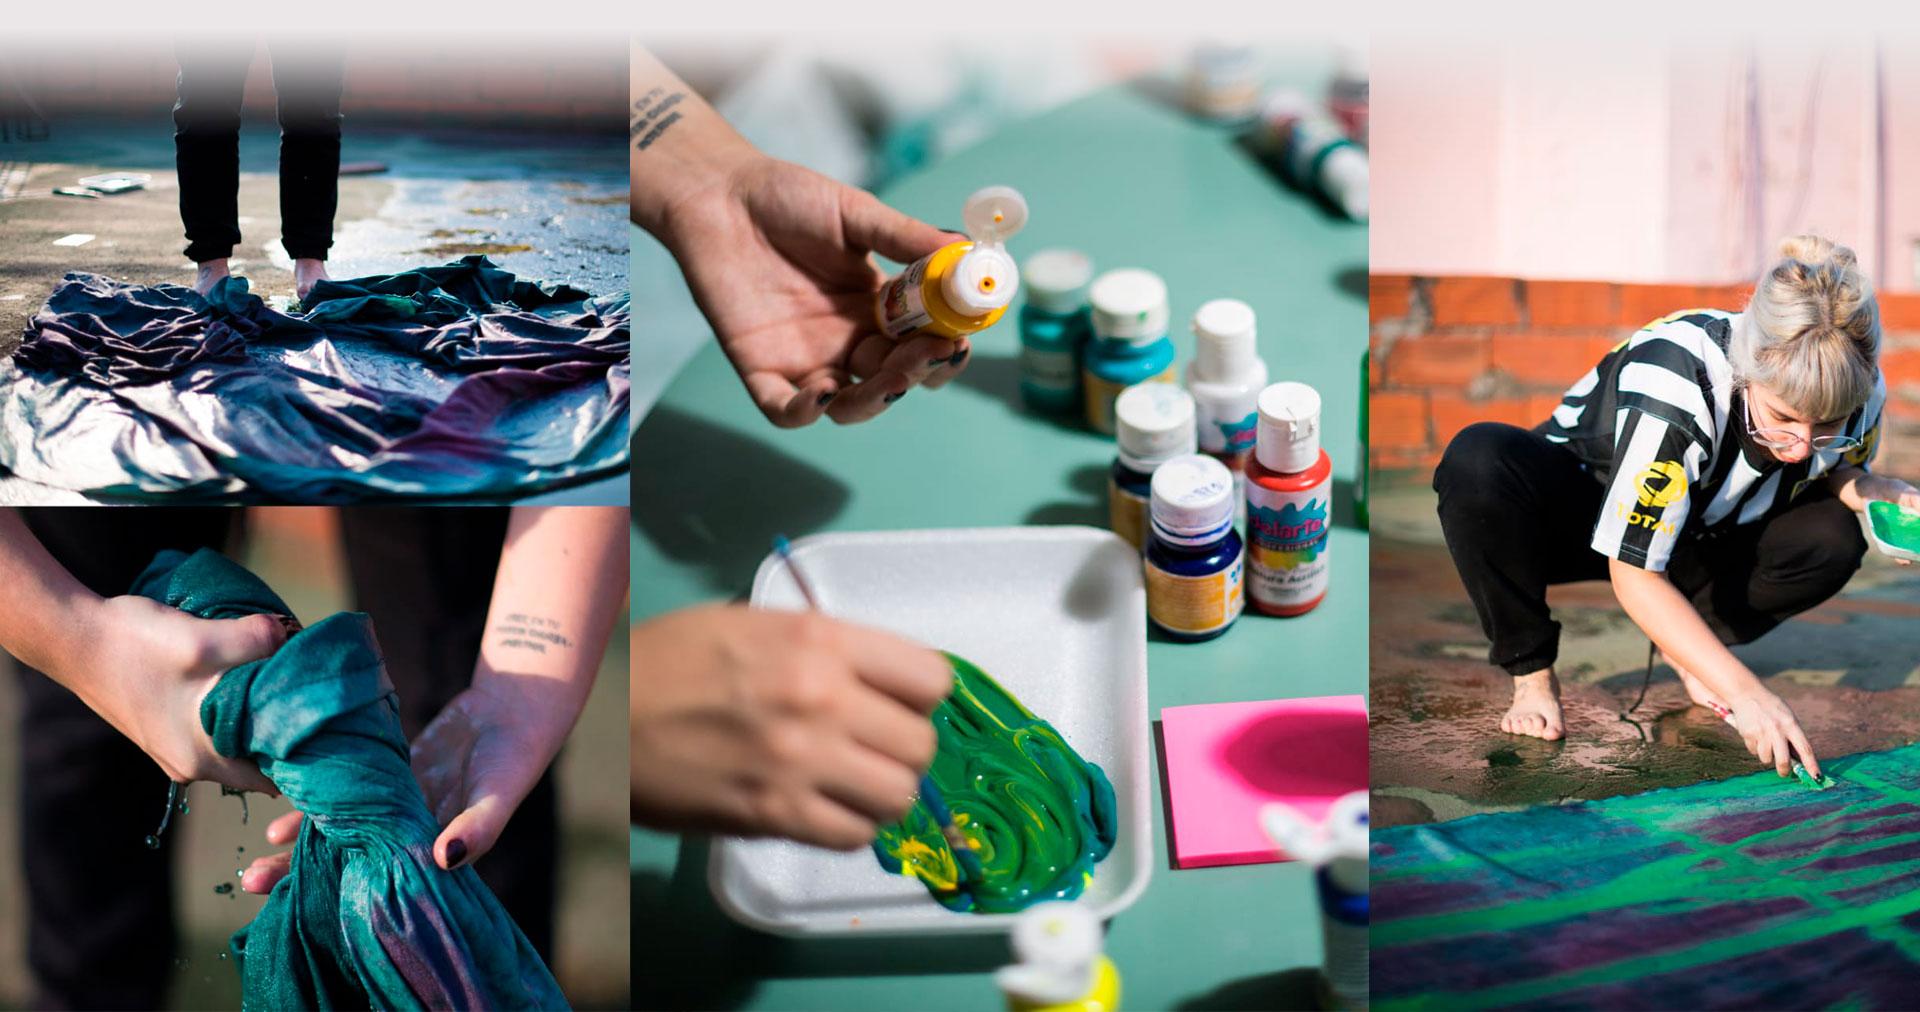 Diseñadoras por ABM. Egresadas de Indumentaria cuentan su experiencia como estudiantes y profesionales